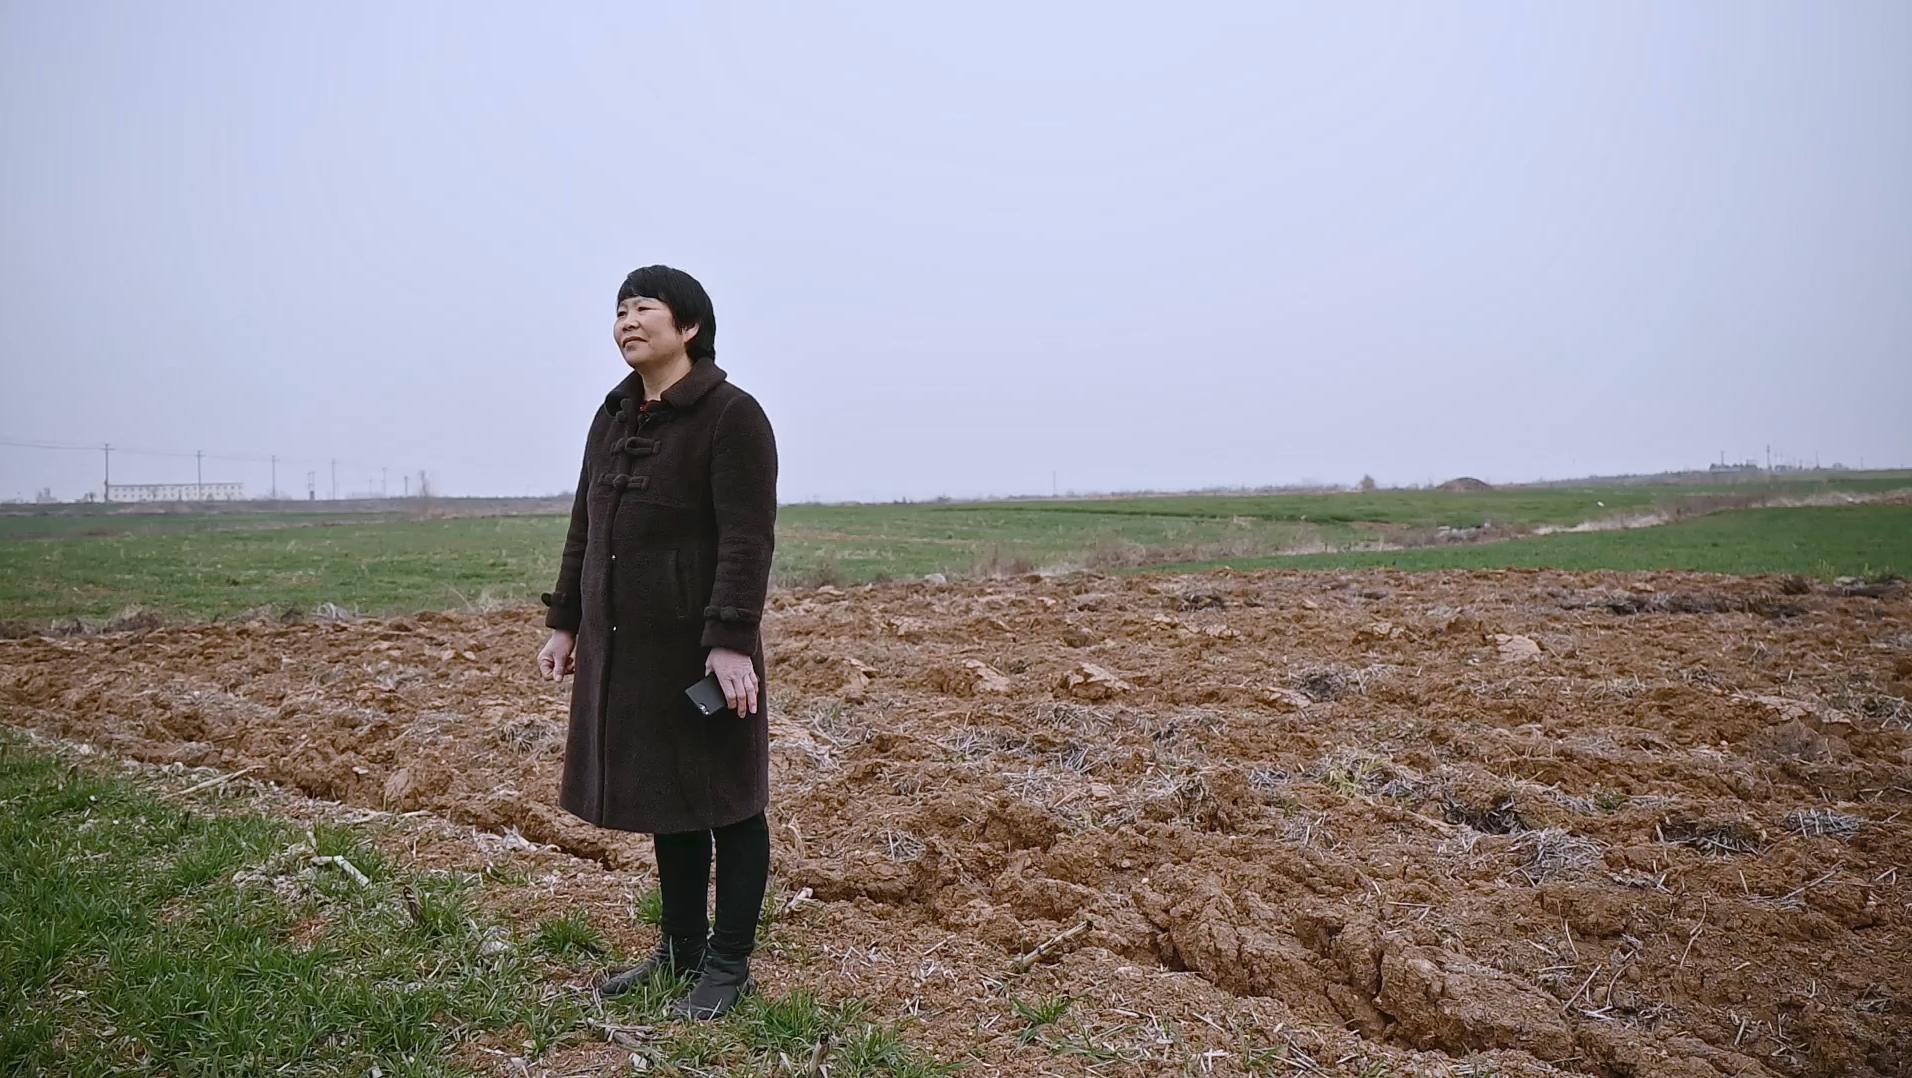 韩仕梅站在田埂上。 澎湃新闻记者 柳婧文 曾茵子 图